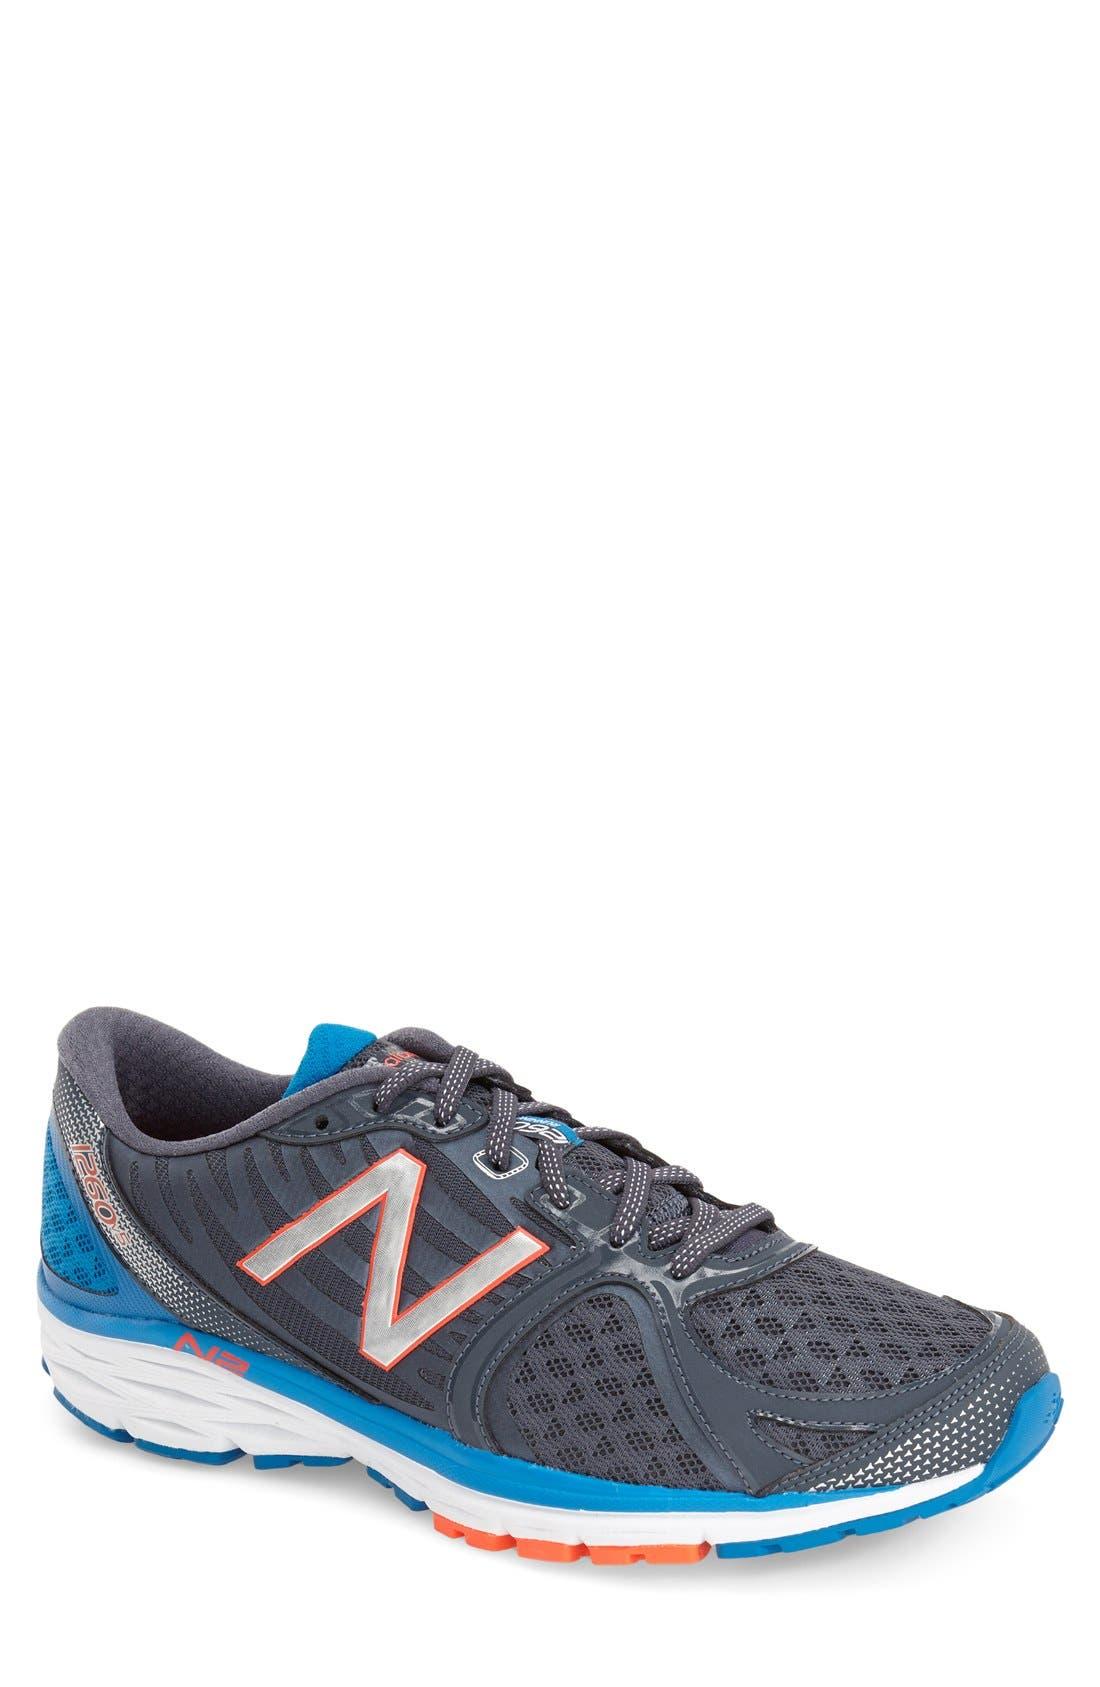 New Balance '1260 v5' Running Shoe (Men